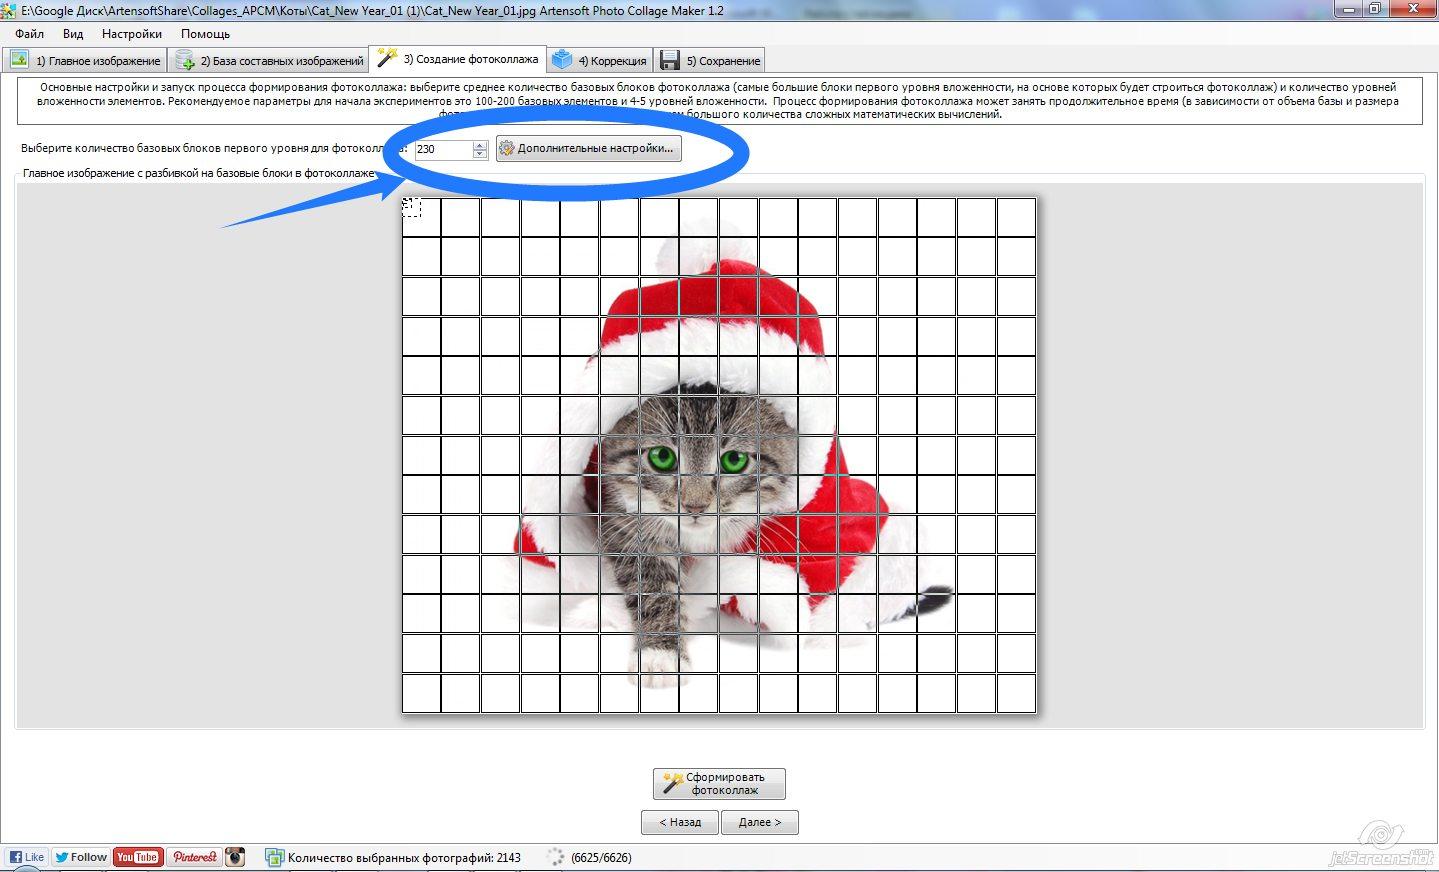 Как сделать фотку покачественнее